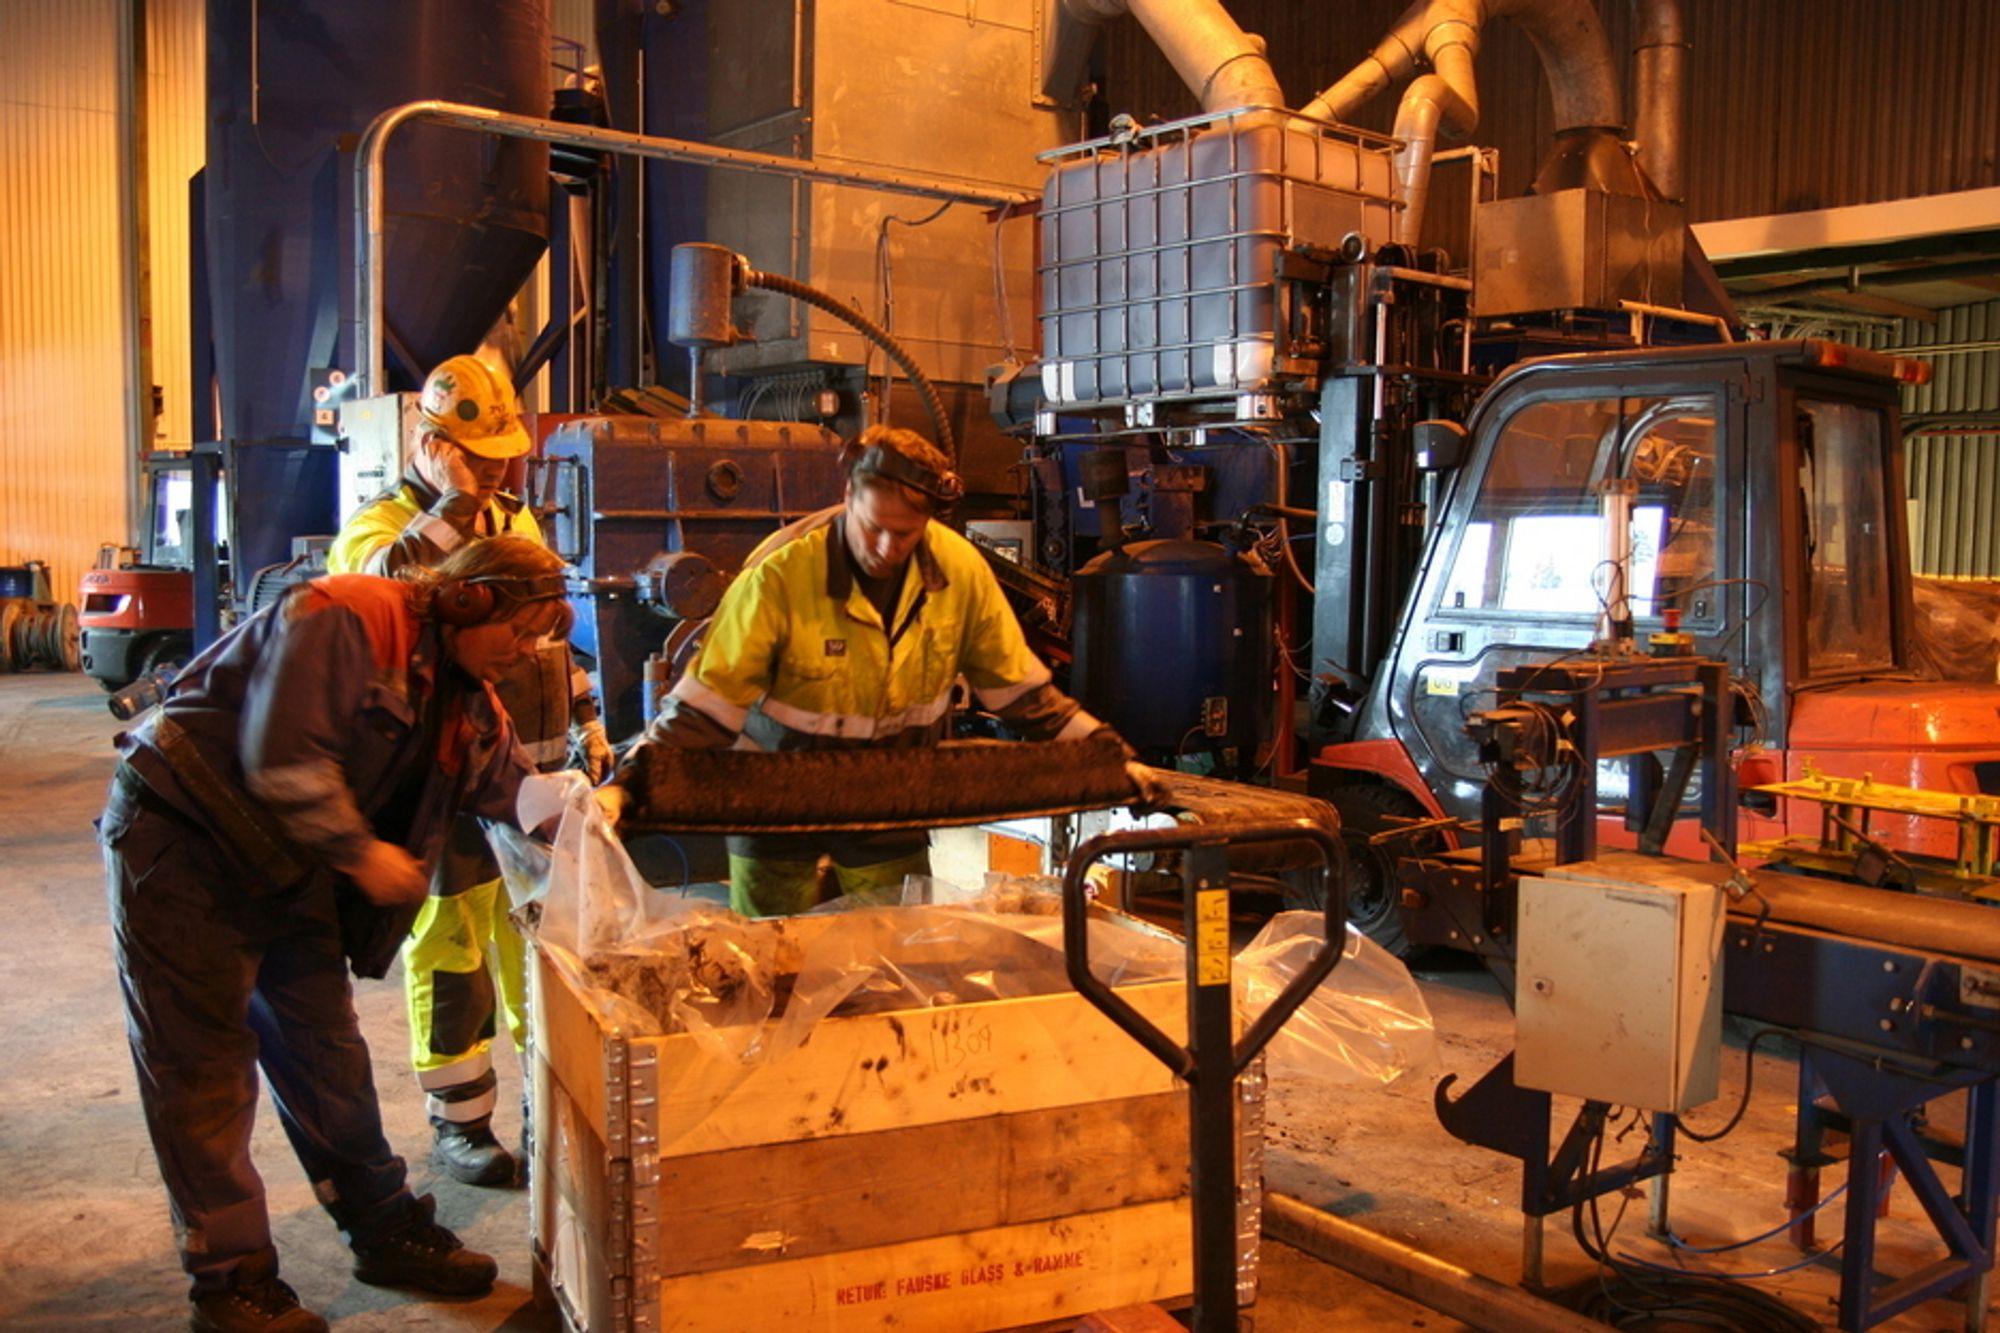 INNSPURT: Første ladningen med reparasjonsmasse fra pressa i det nymonterte anlegget i Kopperå. Arvid Nansmork (nærmest) og Jon Helge Lillevold har bestått i innspurten. Ivar Mansæterbak er allerede i kontakt med markedet på telefon.